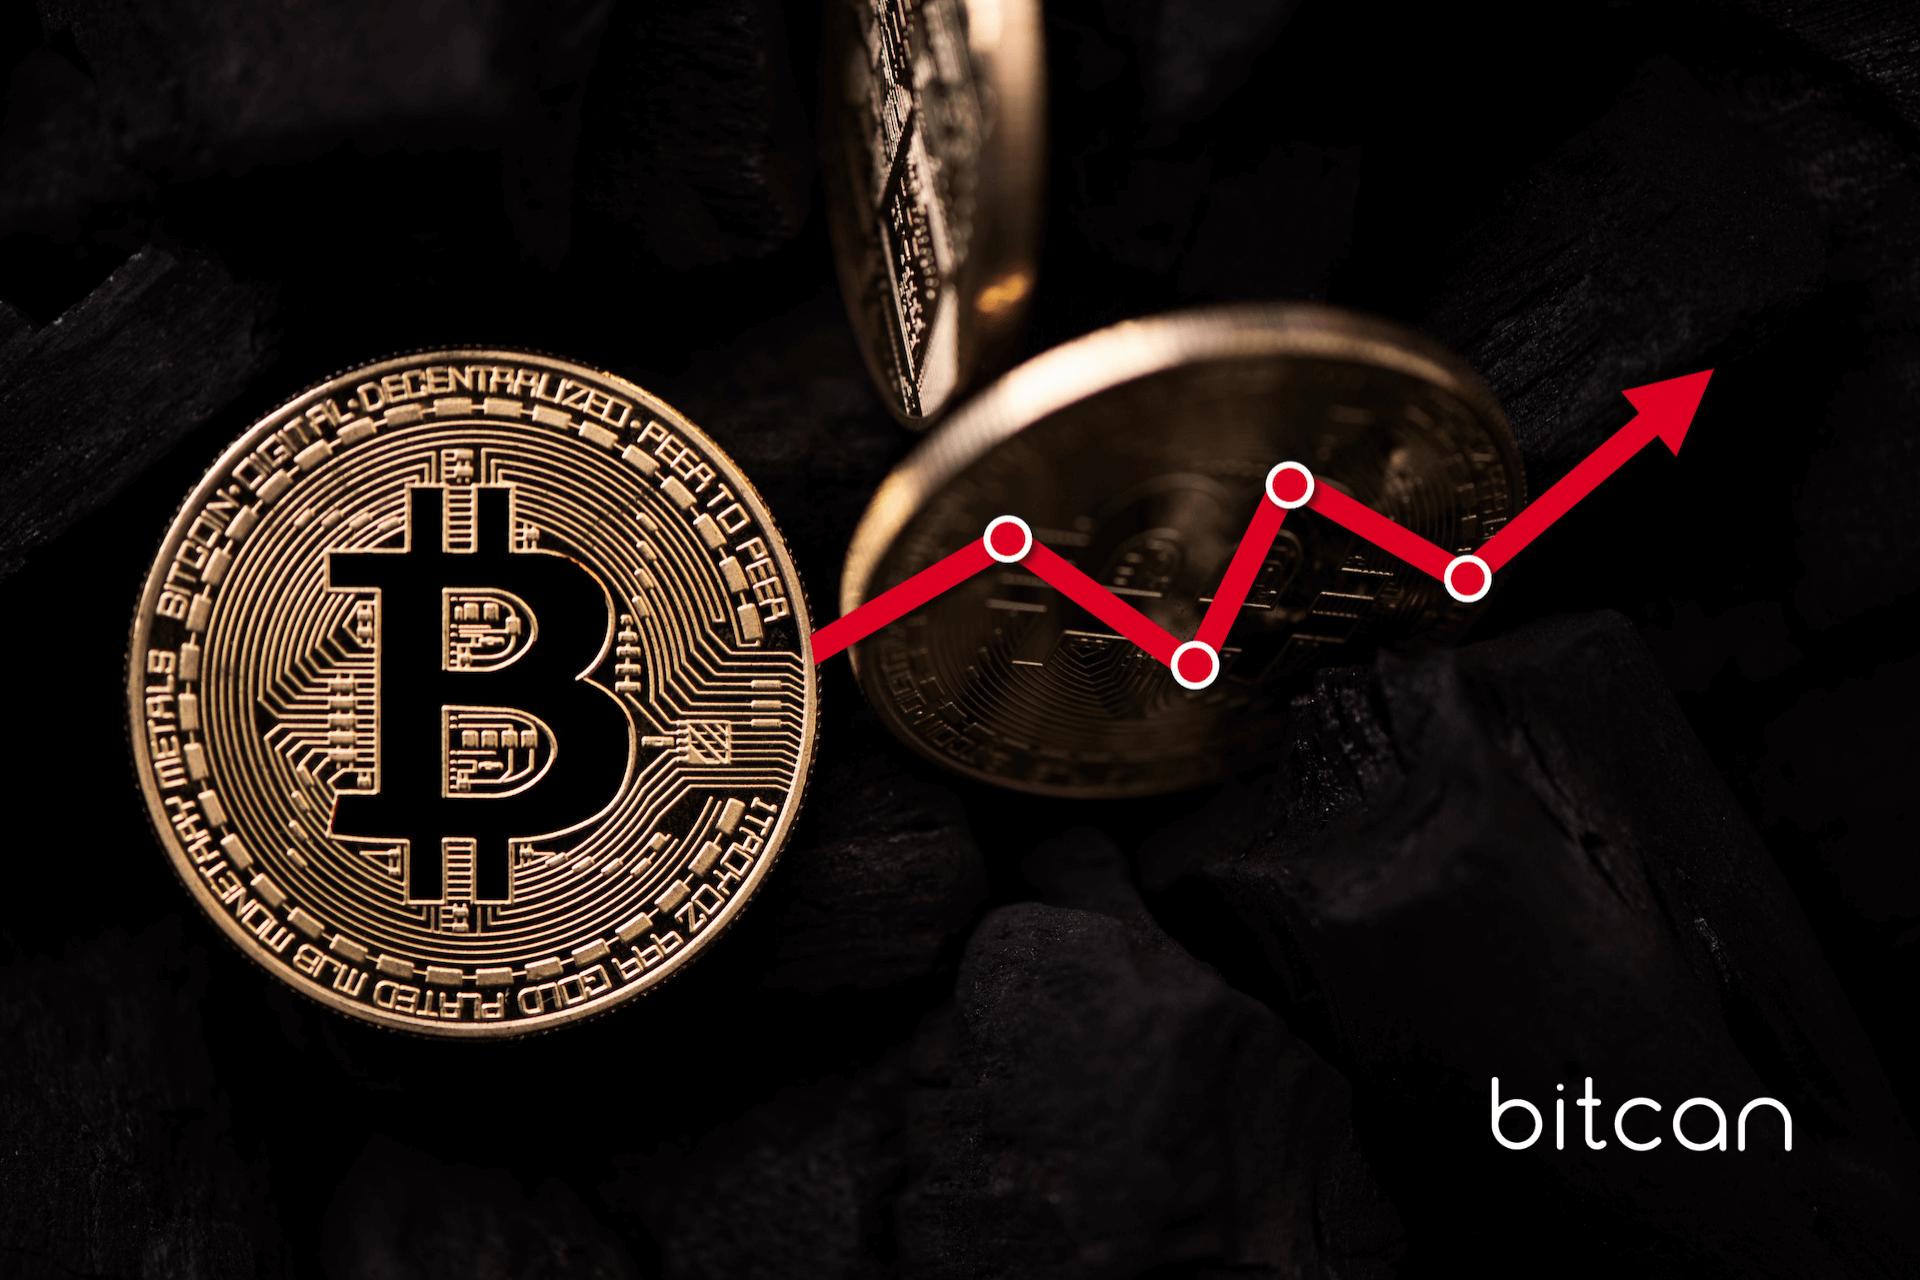 Cena bitcoina prognozowana nawet na milion dolarów. Co wpływa na ciągły wzrost kryptowaluty?